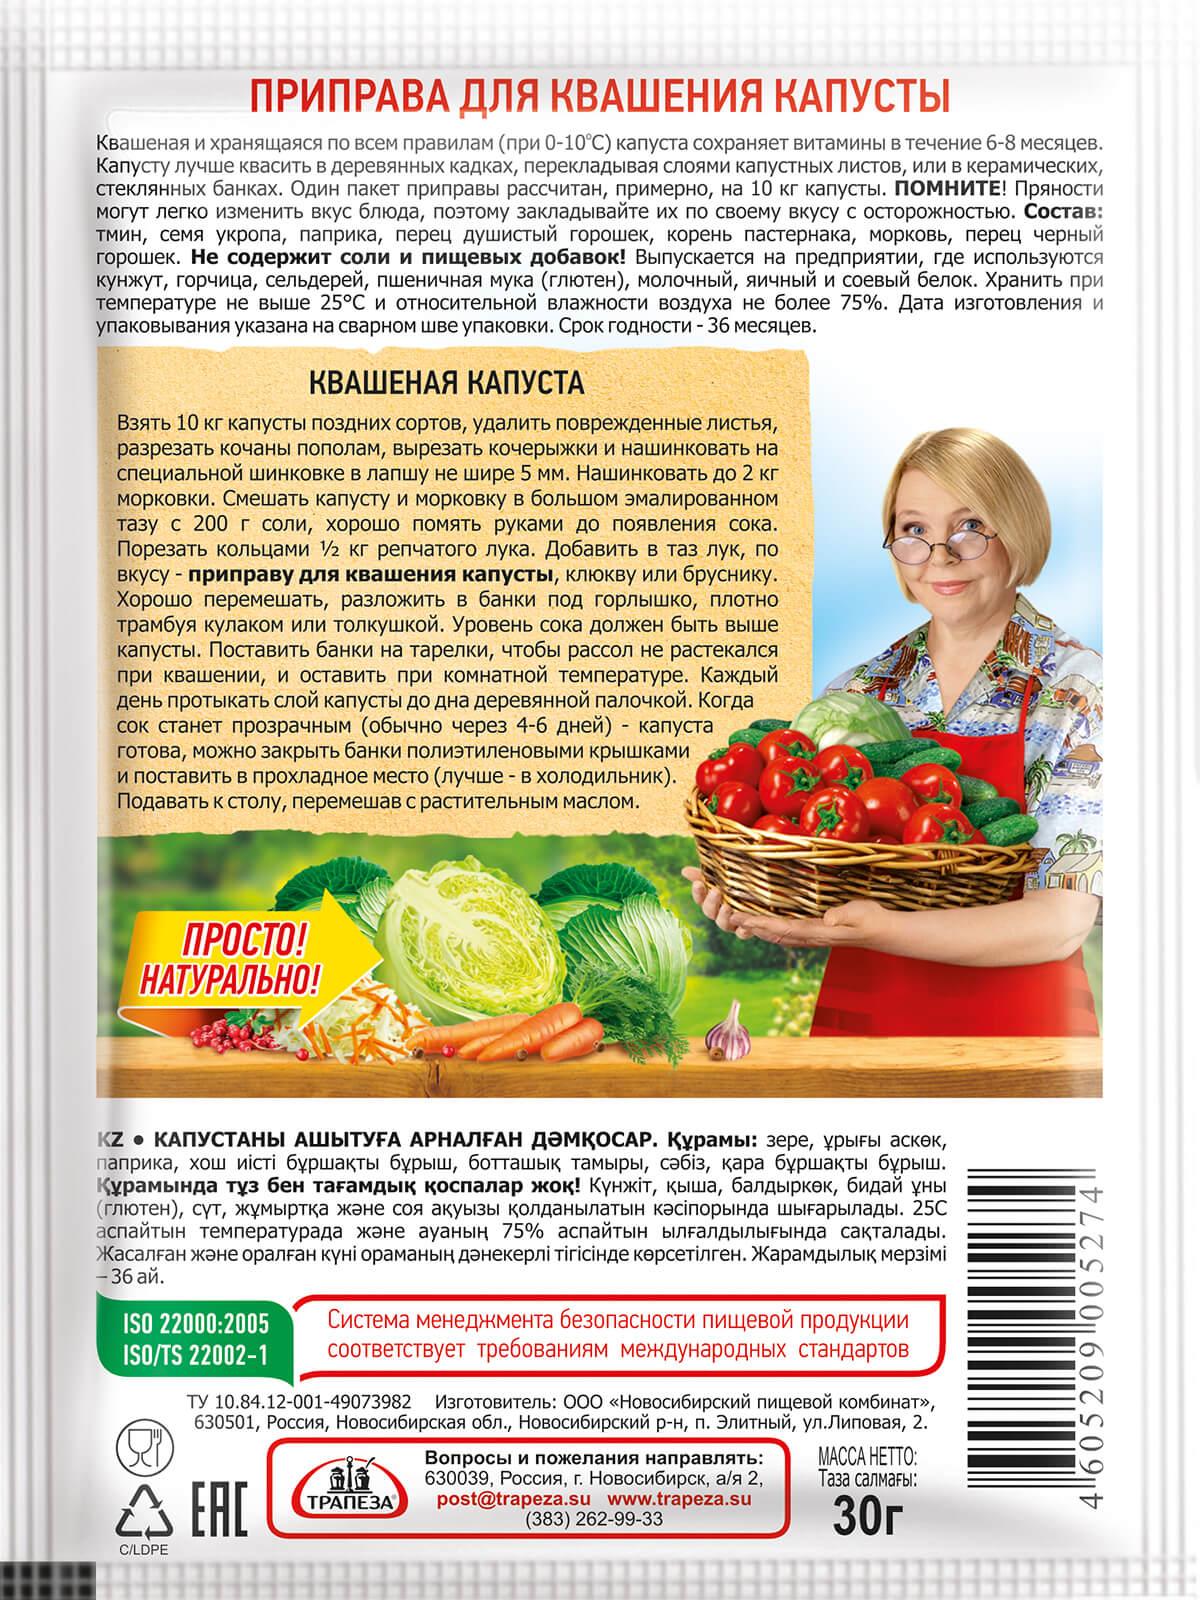 Приправа для квашения капусты Трапеза 30г.